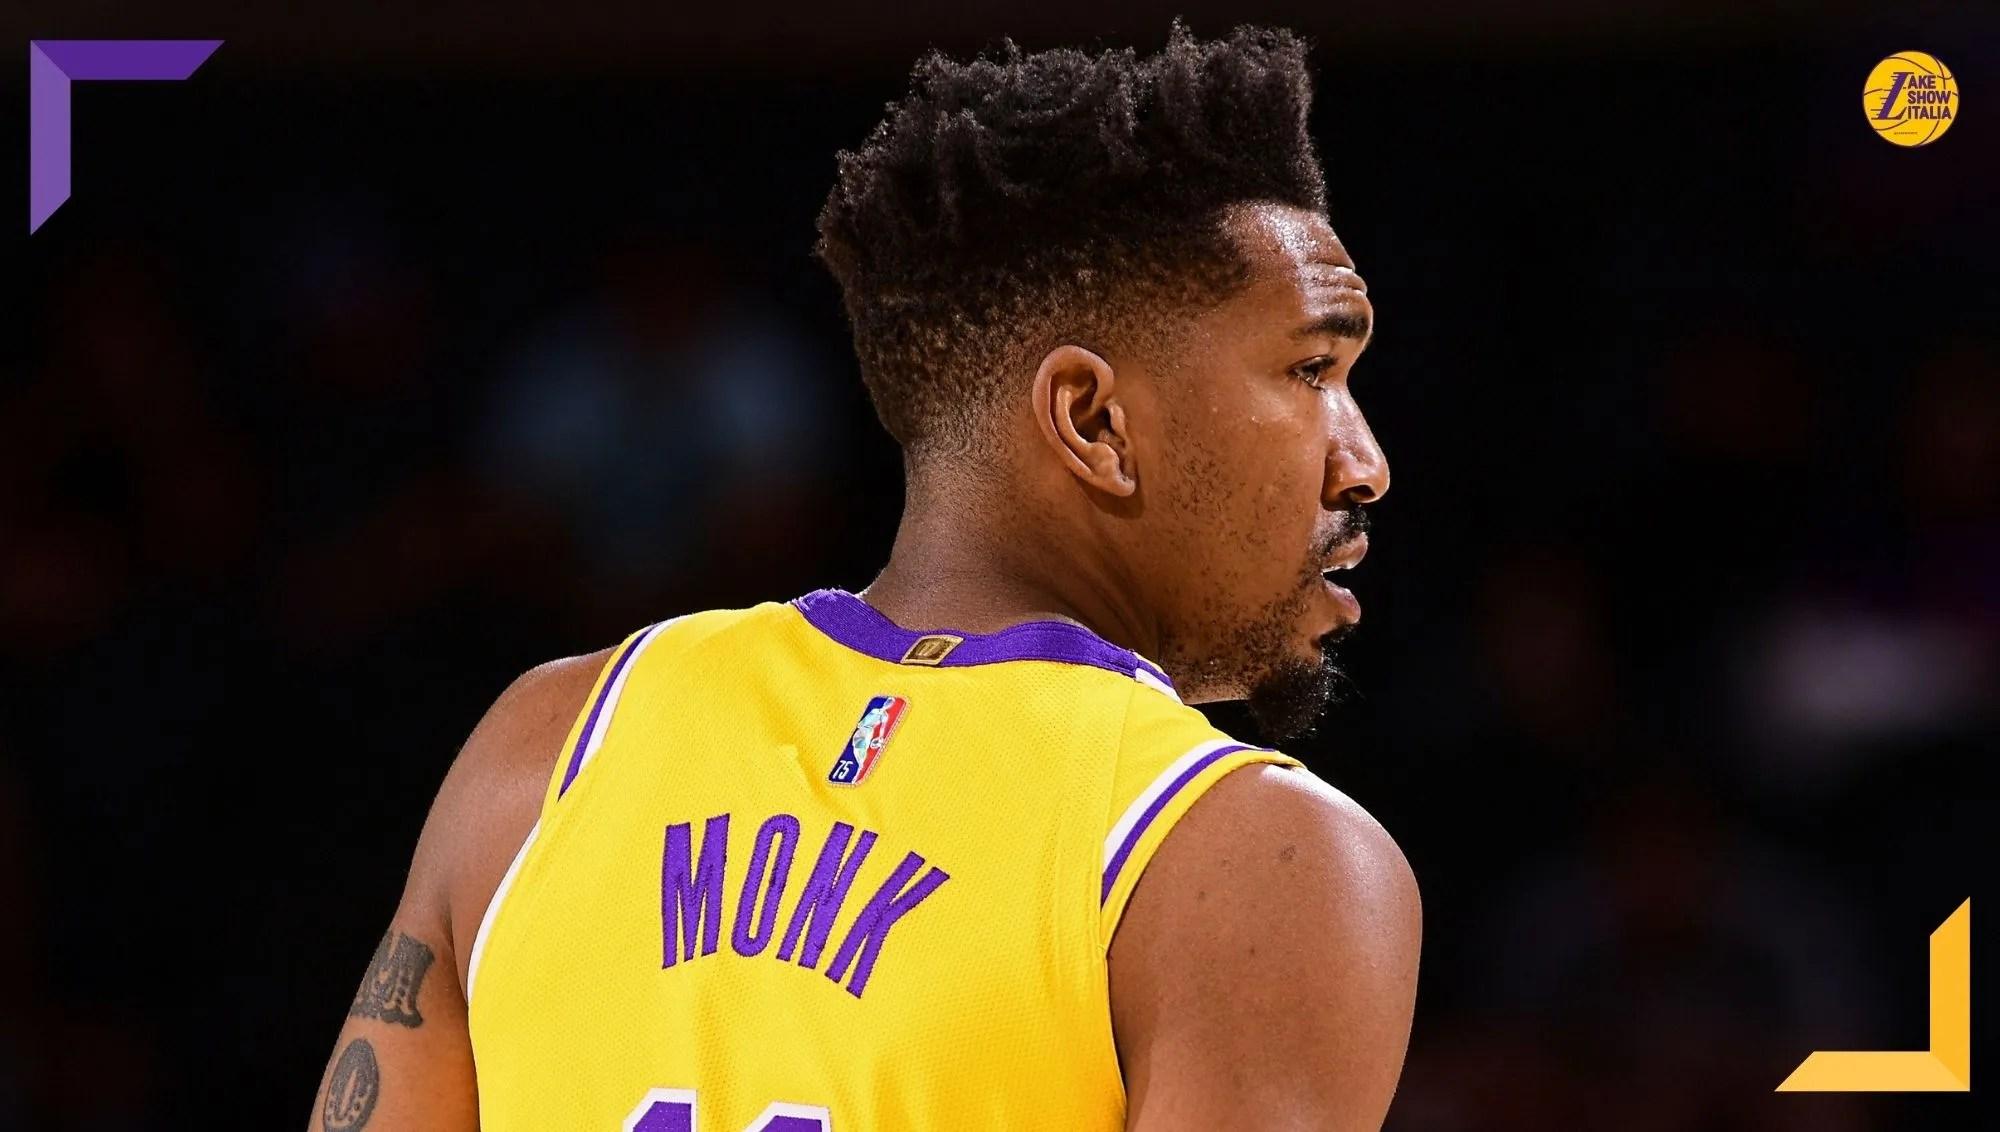 Nuovi problemi fisici per i Los Angeles Lakers. Monk e Talen Horton-Tucker costretti allo stop, Frank Vogel fiducioso sui tempi di recuero.